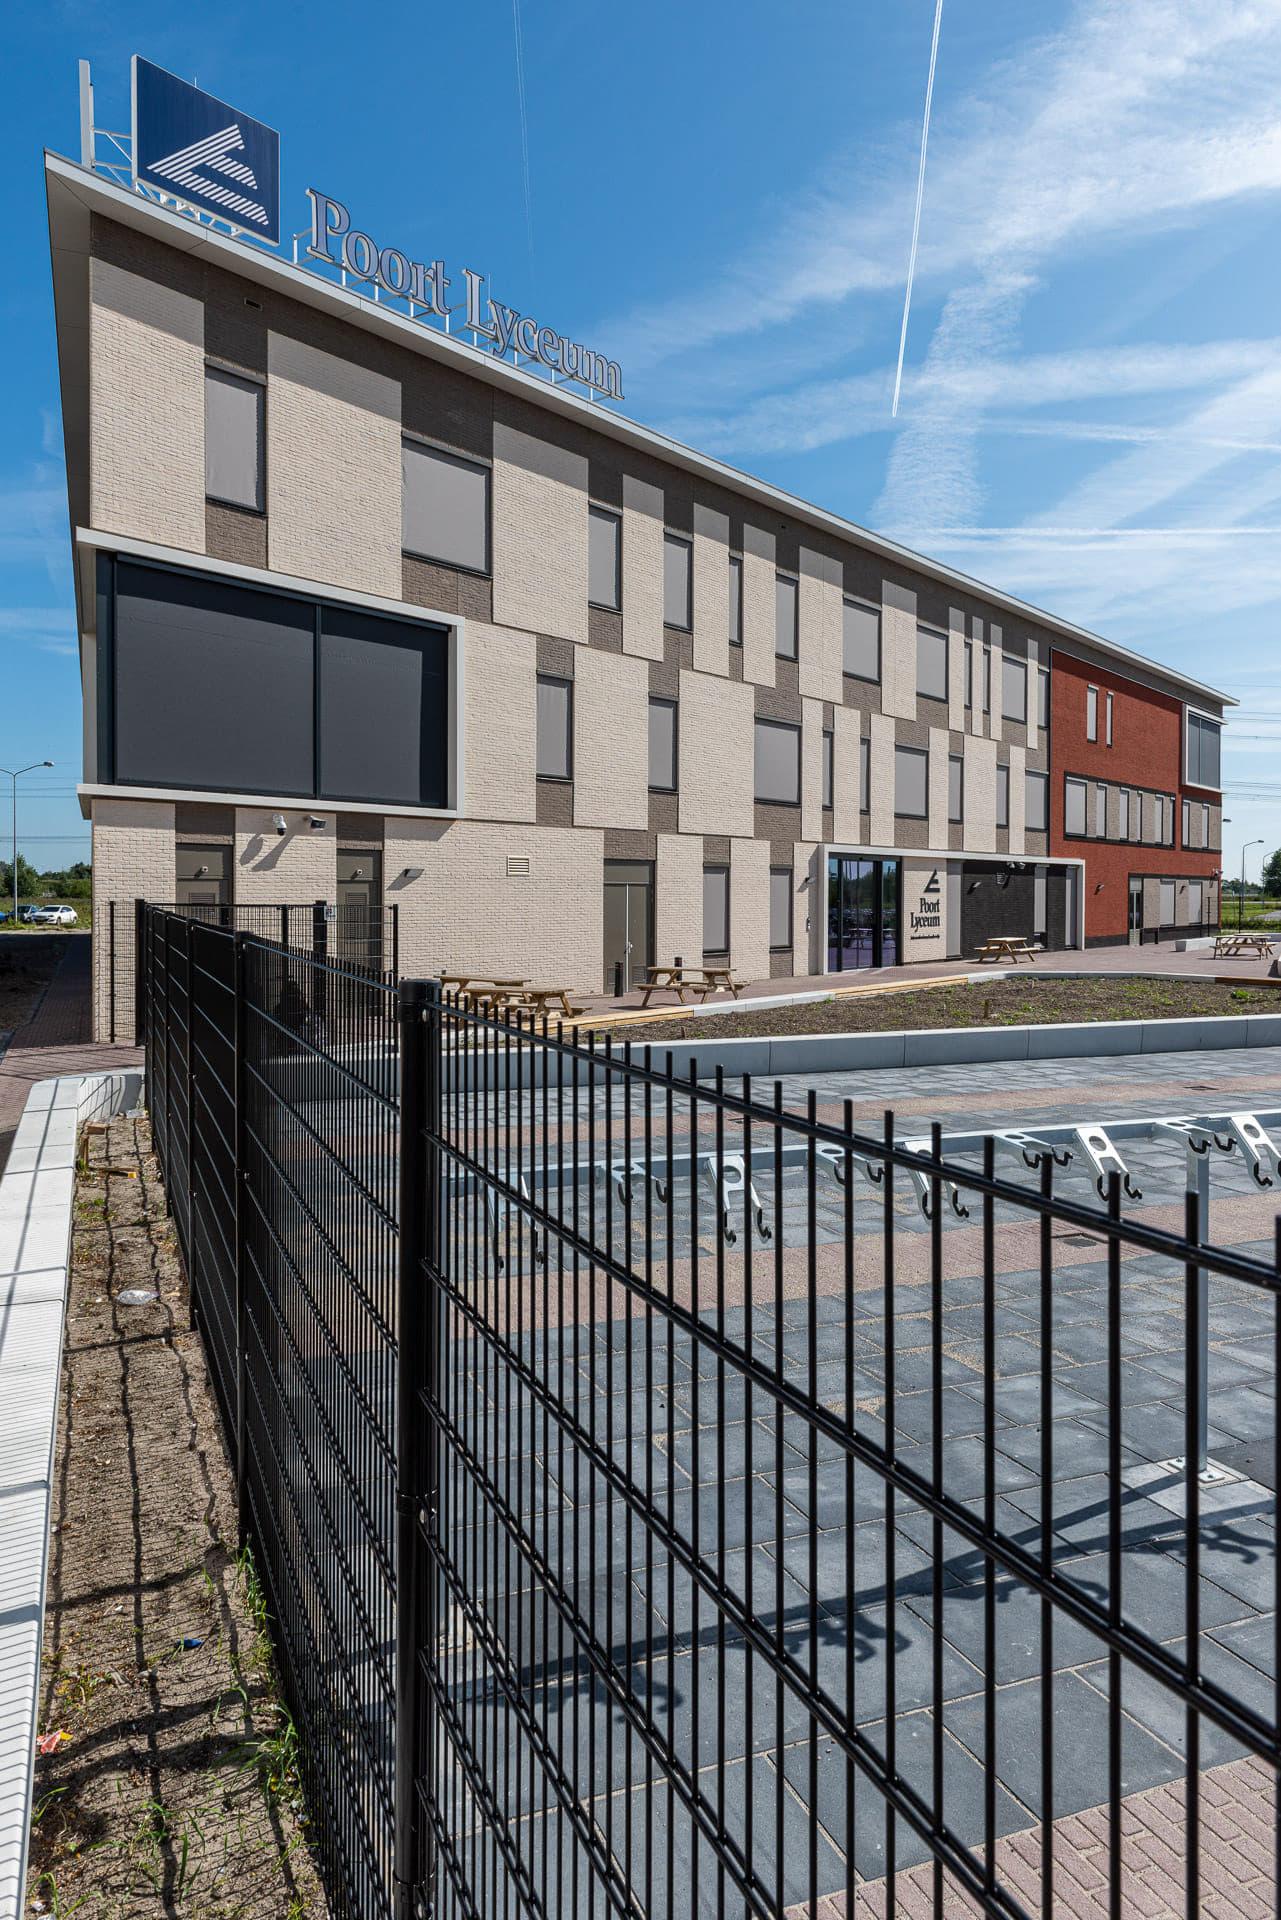 Schoolgebouw met een hek ervoor en Poort Lyceum letters op het dak